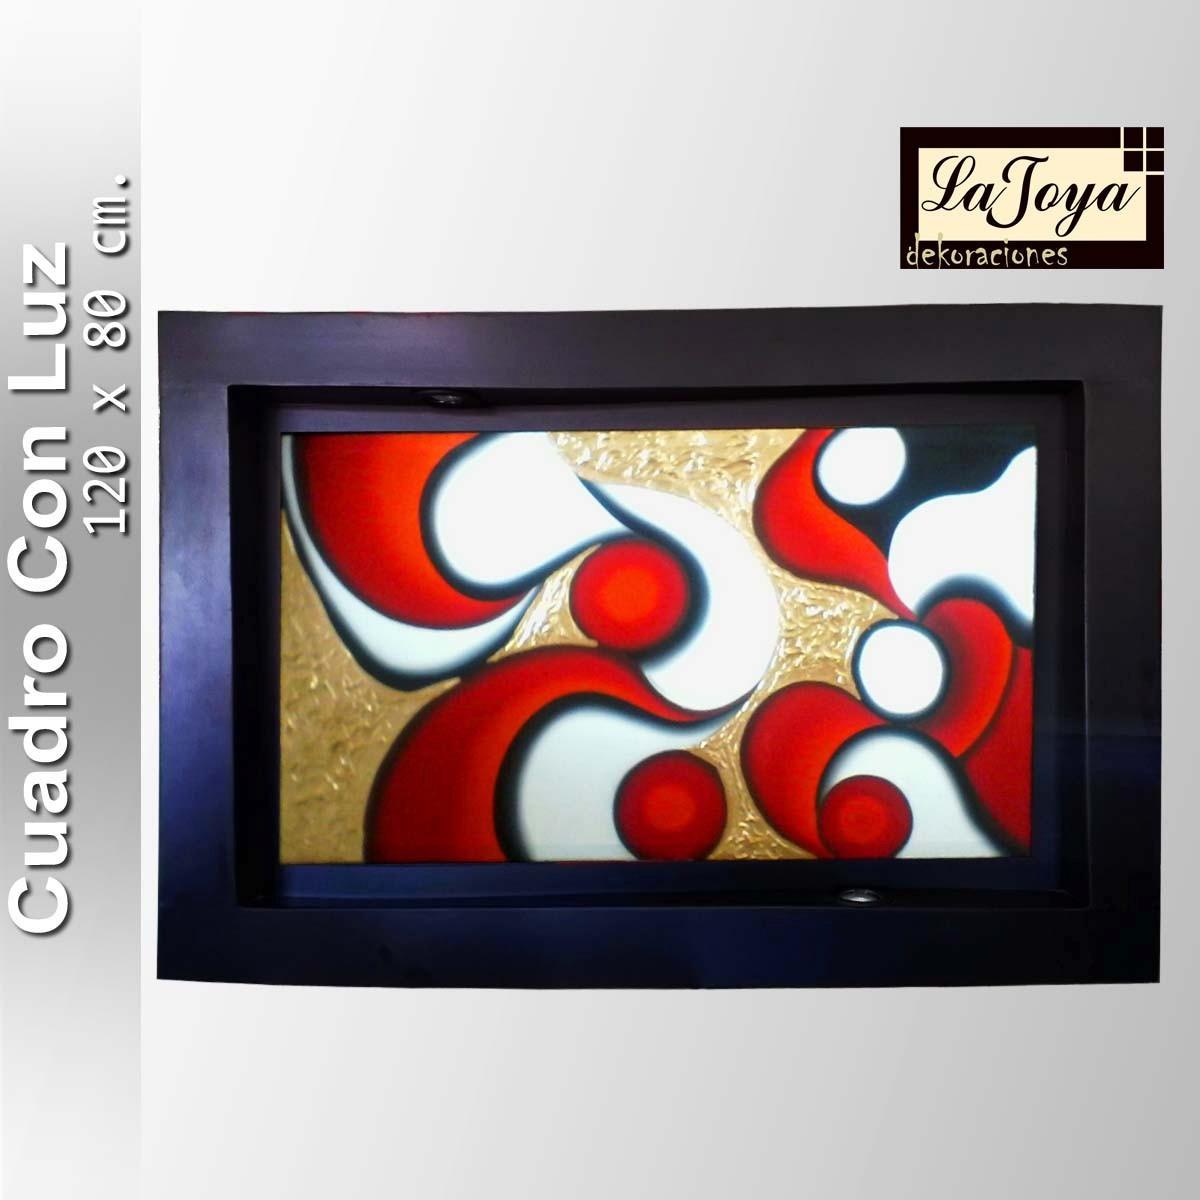 Cuadros abstractos al leo minimalistas con luz 1 599 - Cuadros abstractos minimalistas ...